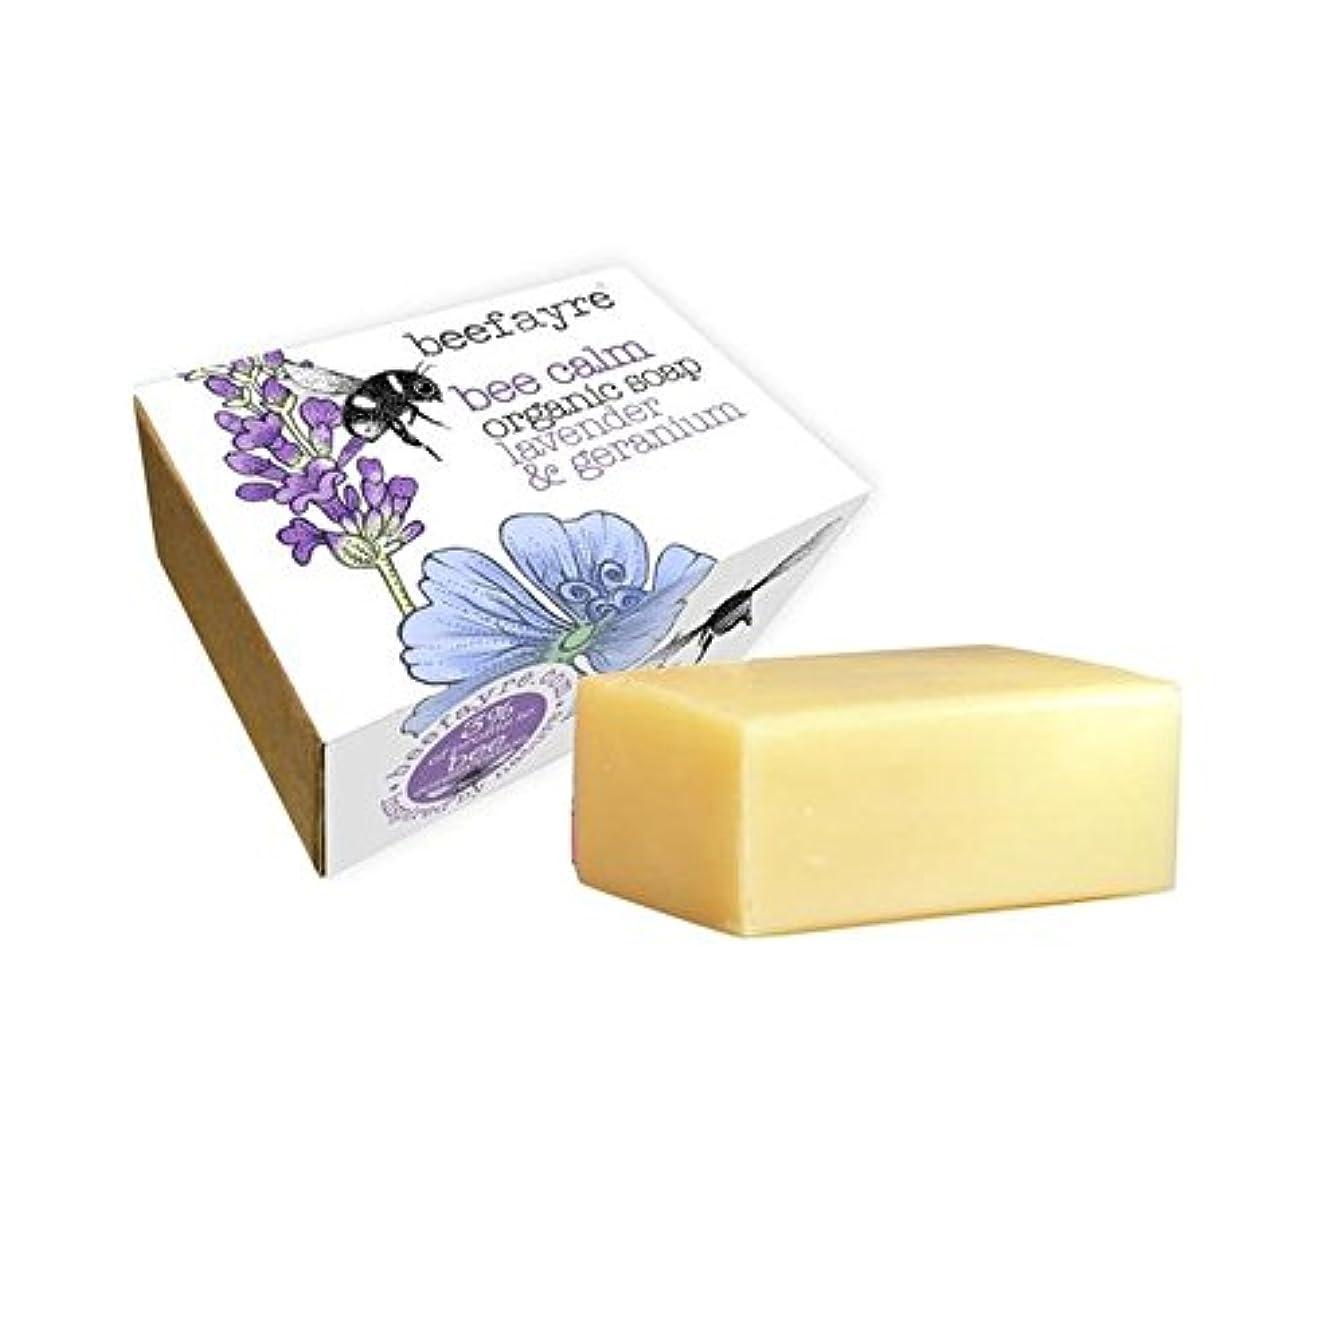 とらえどころのない散らすエッセイ有機ゼラニウム&ラベンダー石鹸 x4 - Beefayre Organic Geranium & Lavender Soap (Pack of 4) [並行輸入品]